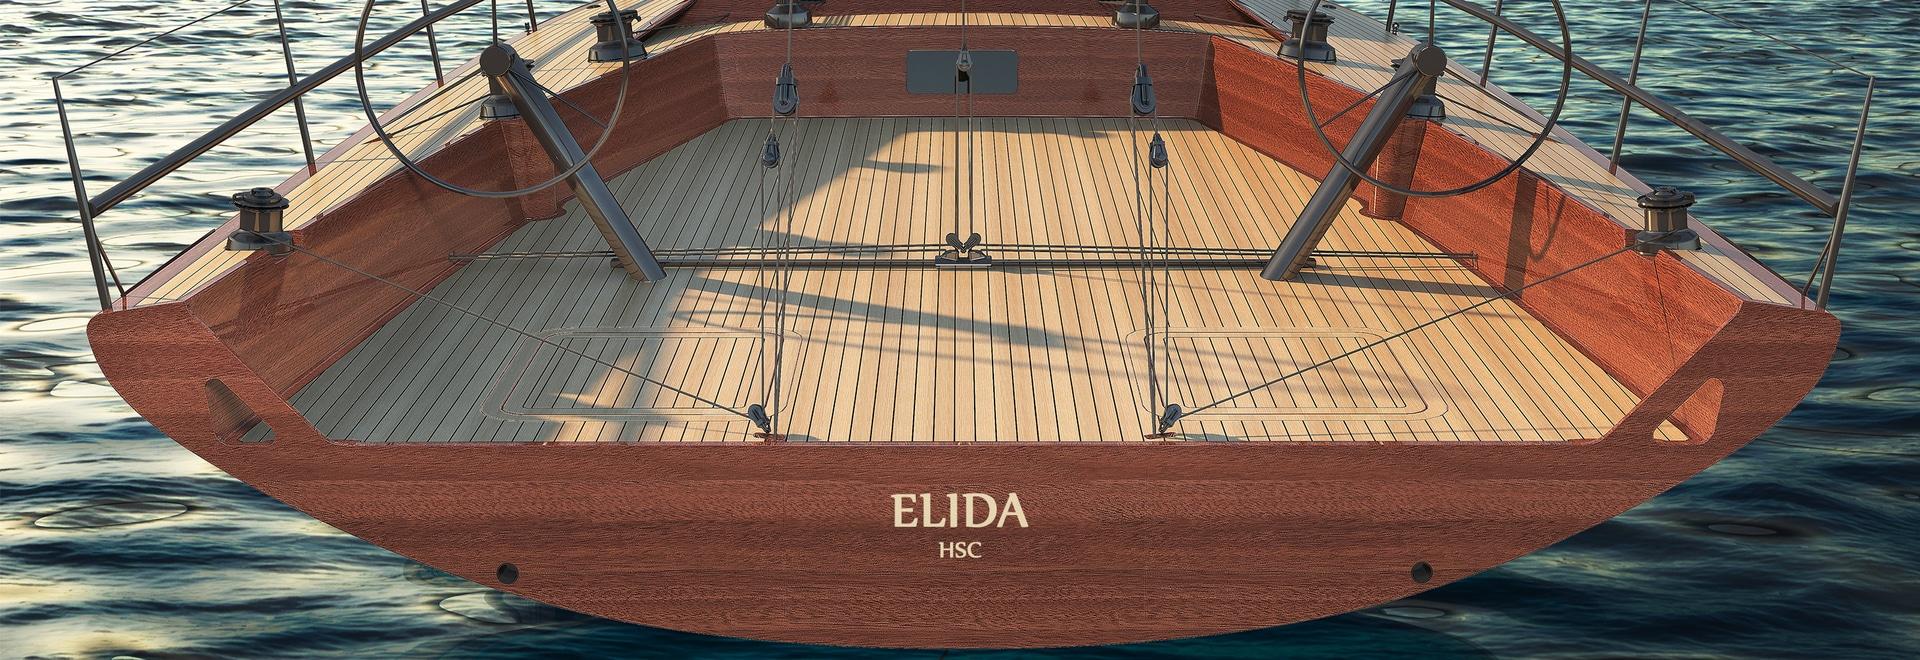 S.Y. ELIDA